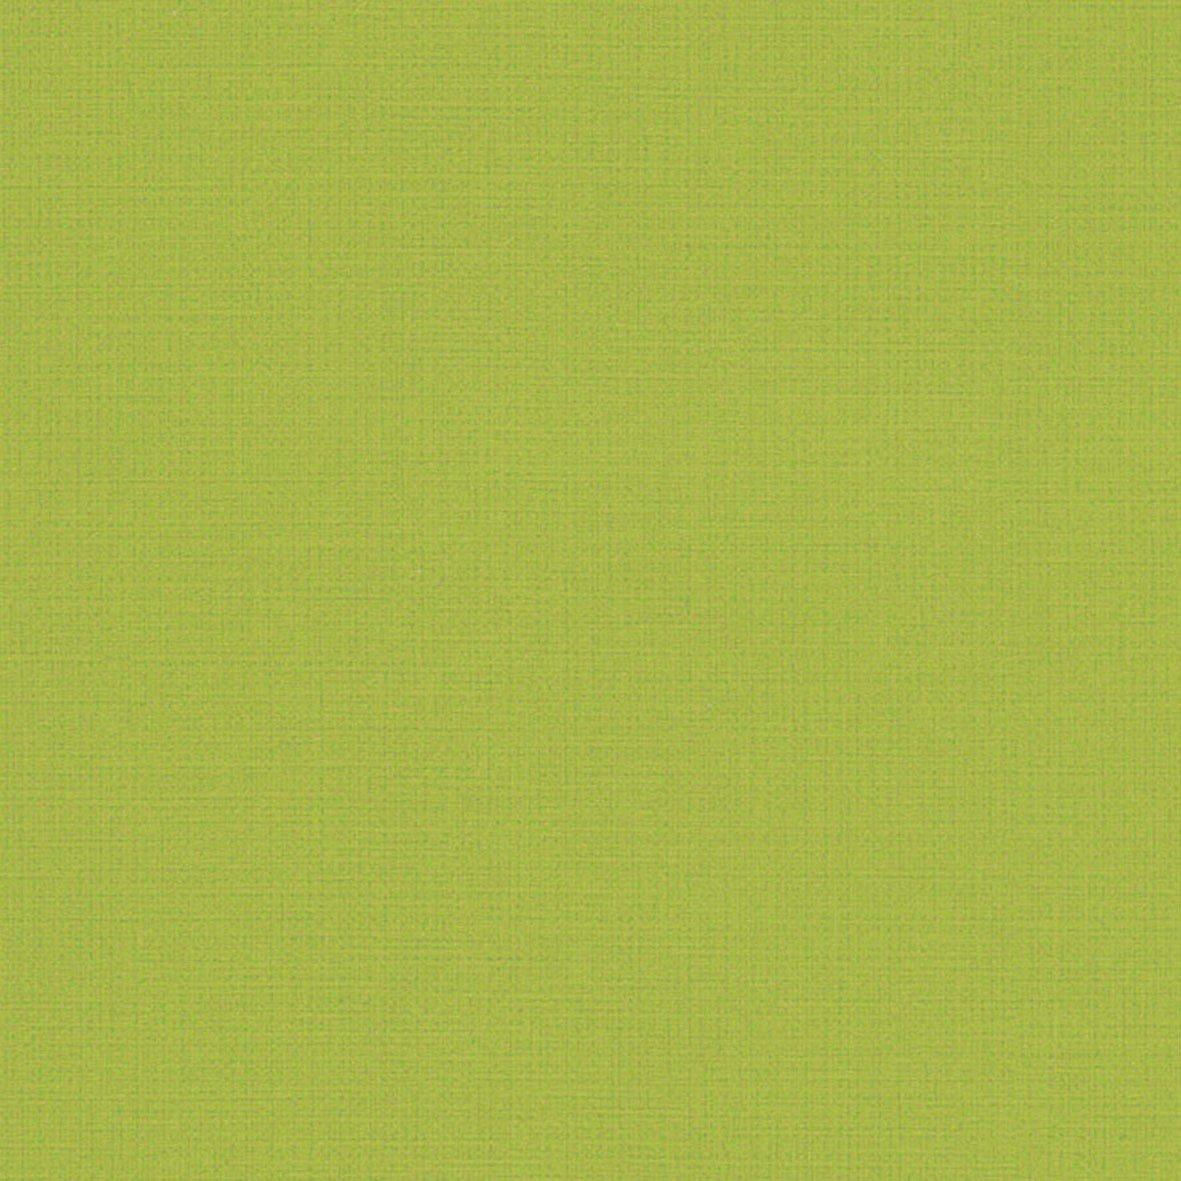 リリカラ 壁紙47m シンフル 無地 オレンジ LL-8718 B01N3T60GS 47m,オレンジ